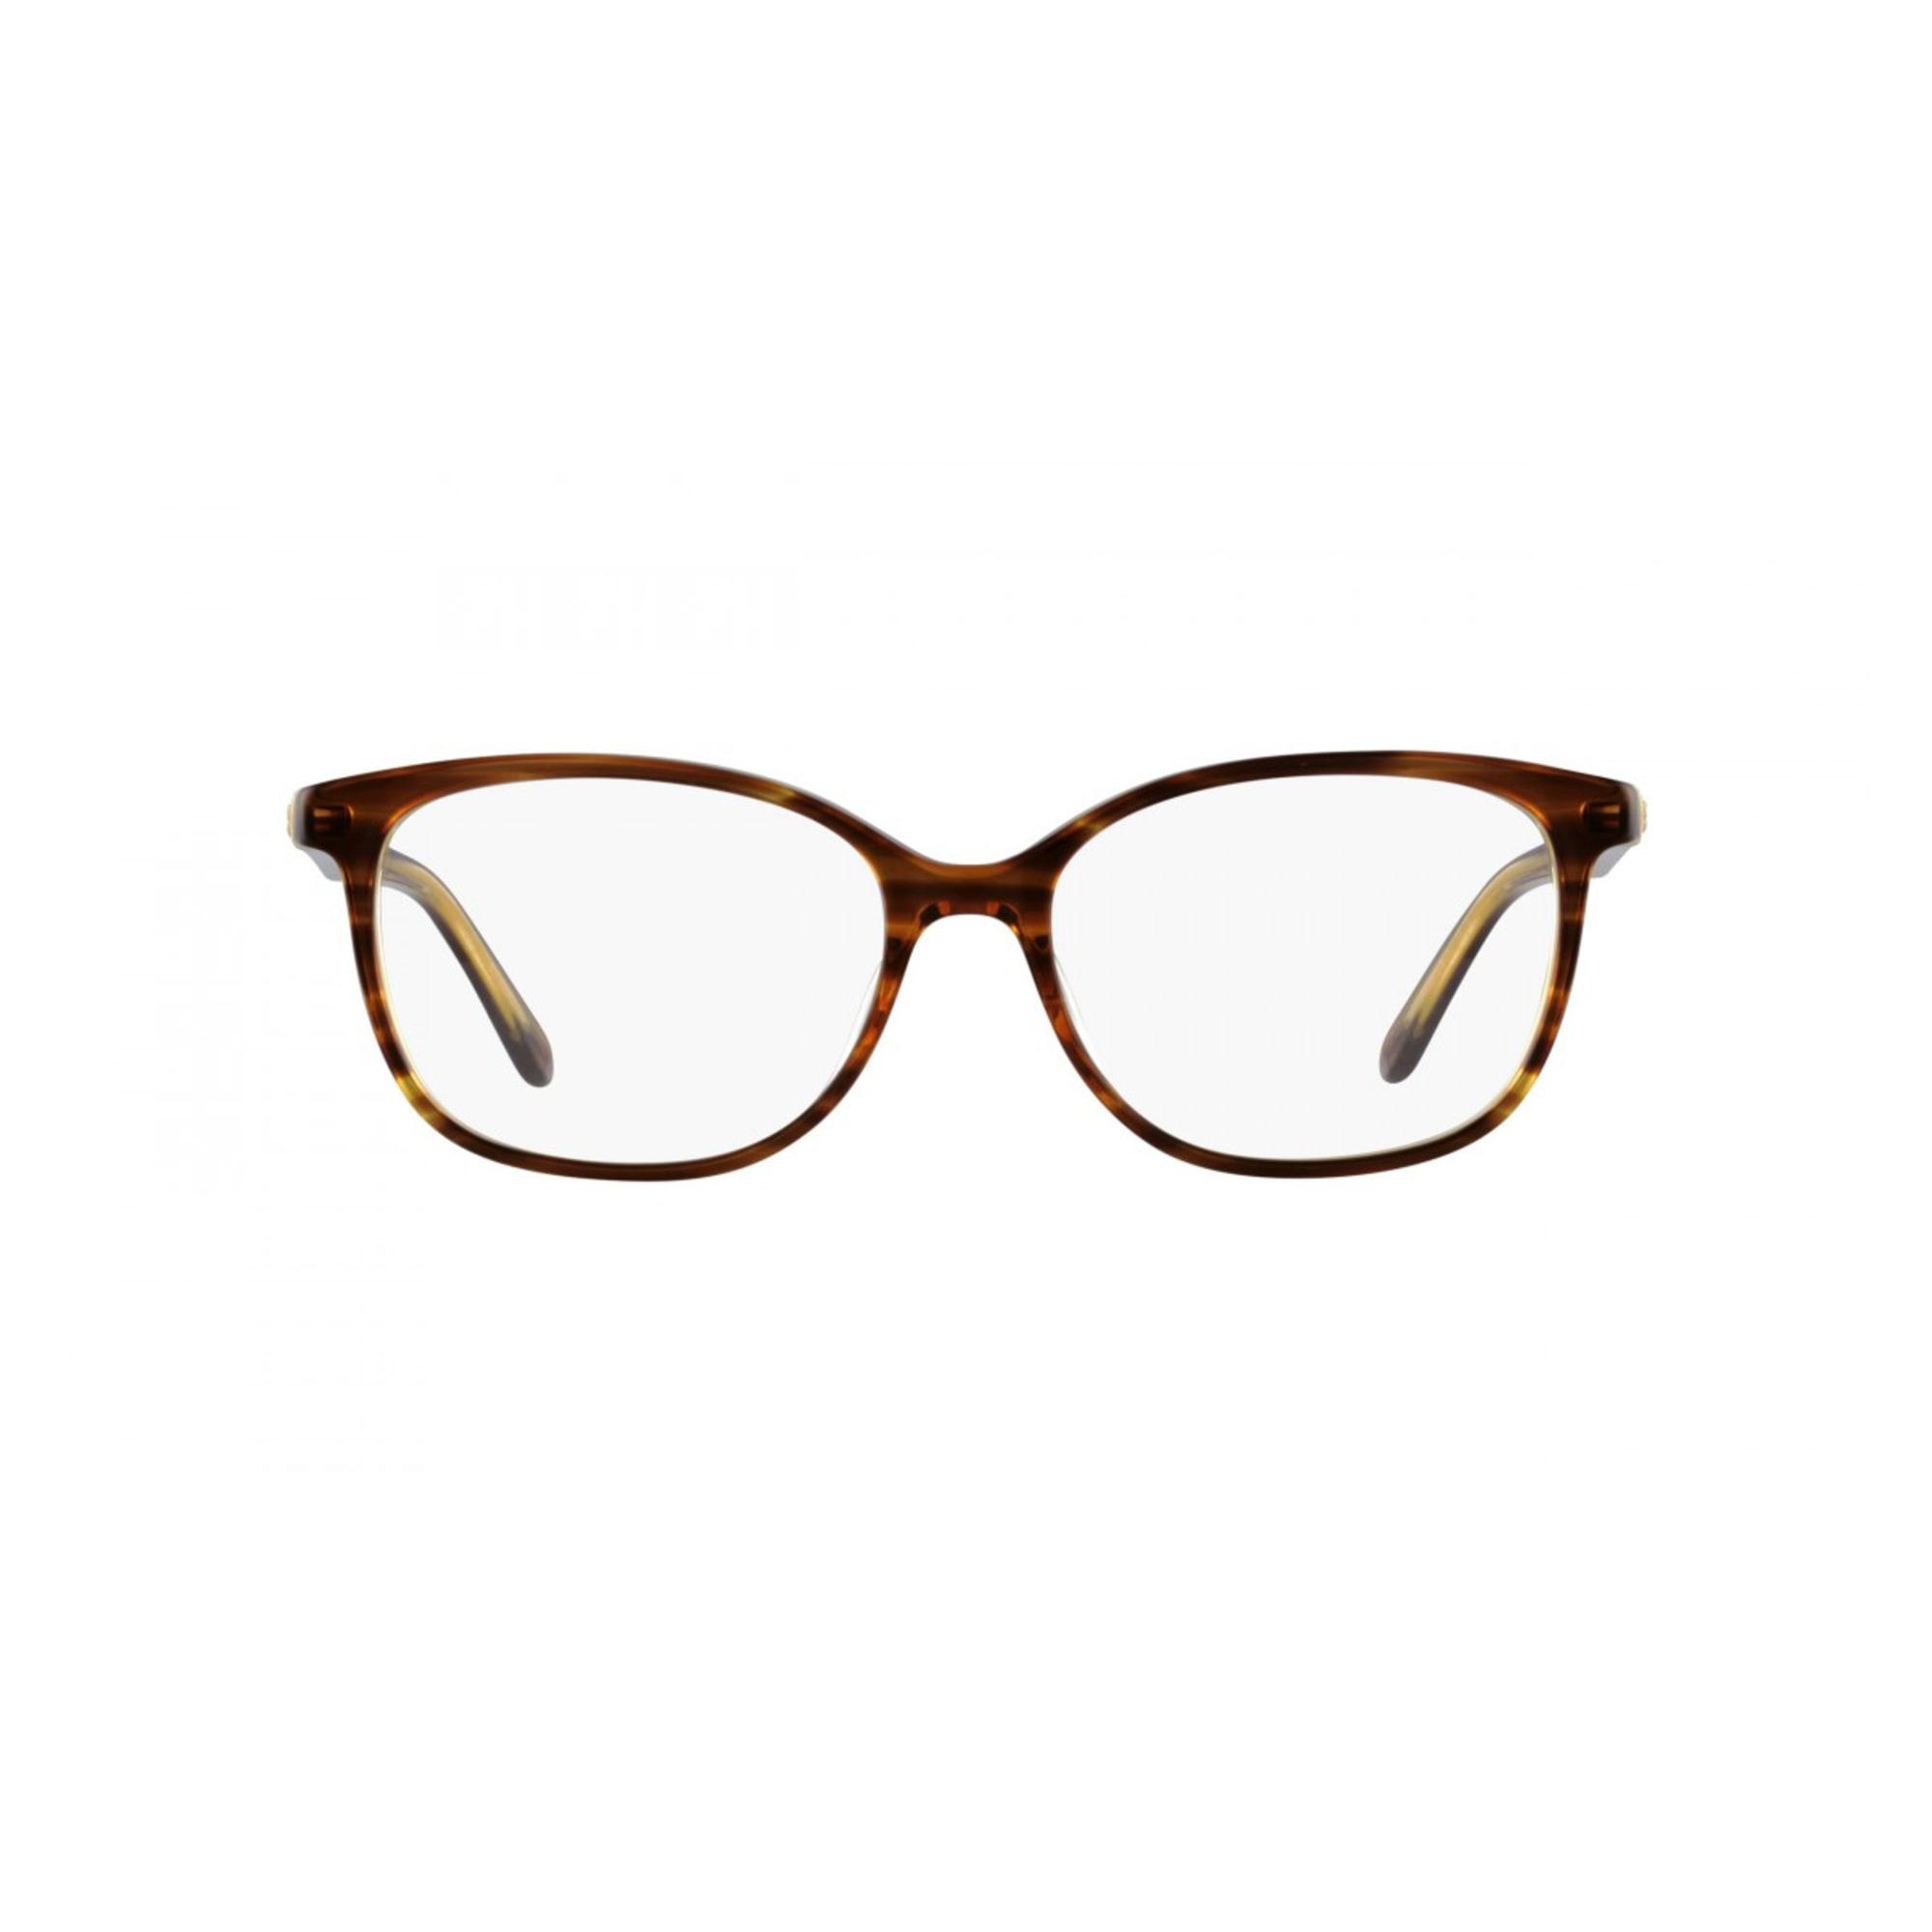 b1de773c38a803 Monture de lunettes PAUL   JOE marron vendu par P-cam102817 - 5923861